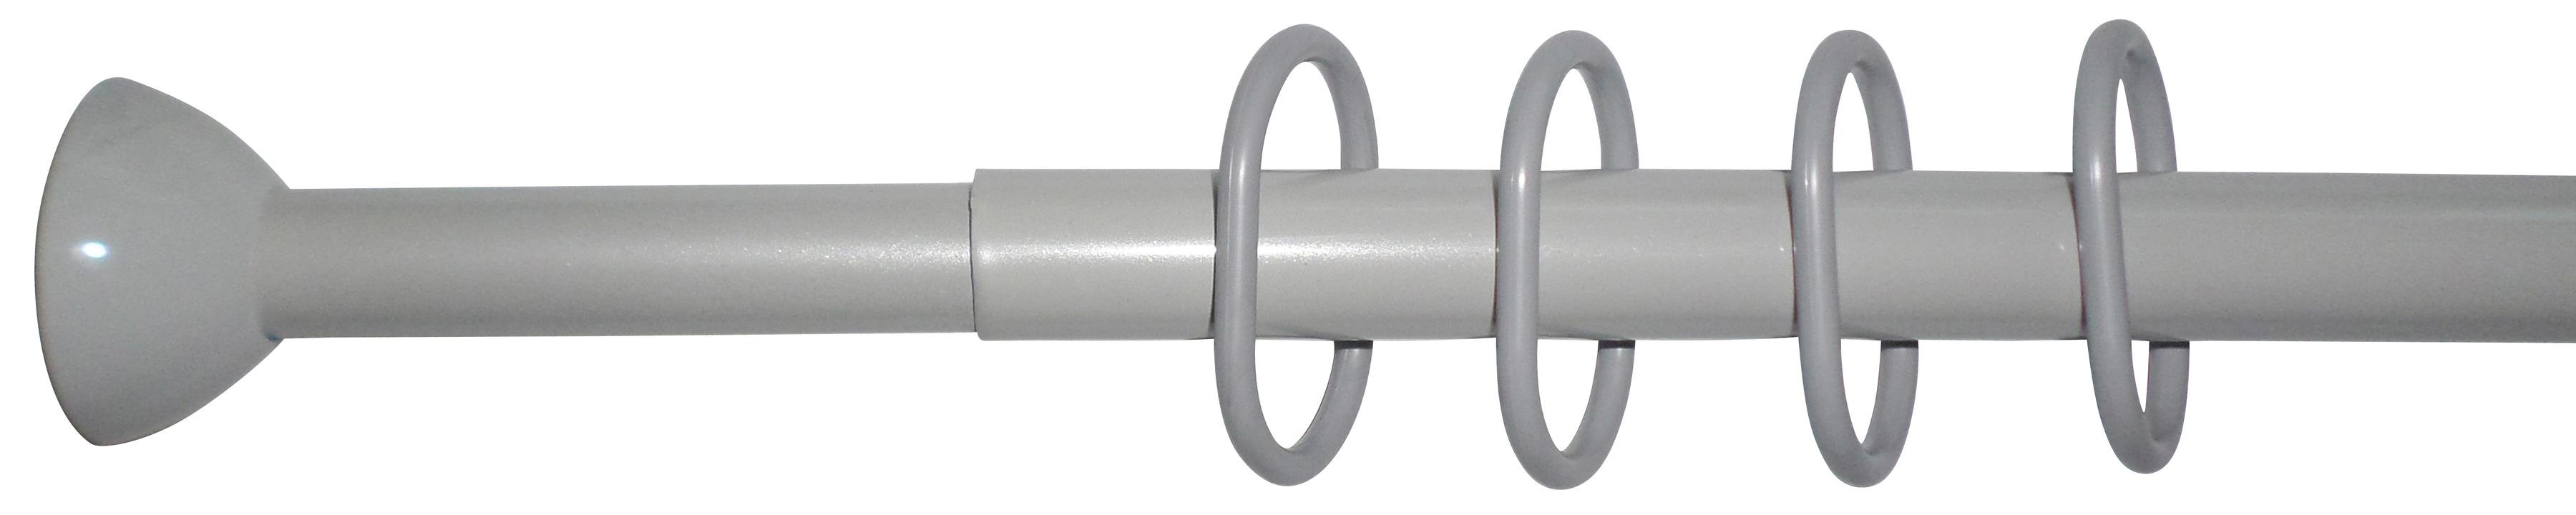 Duschstange, 120-220 cm Breite | Bad > Duschen > Duschvorhänge | Grau | Stahl | QUELLE